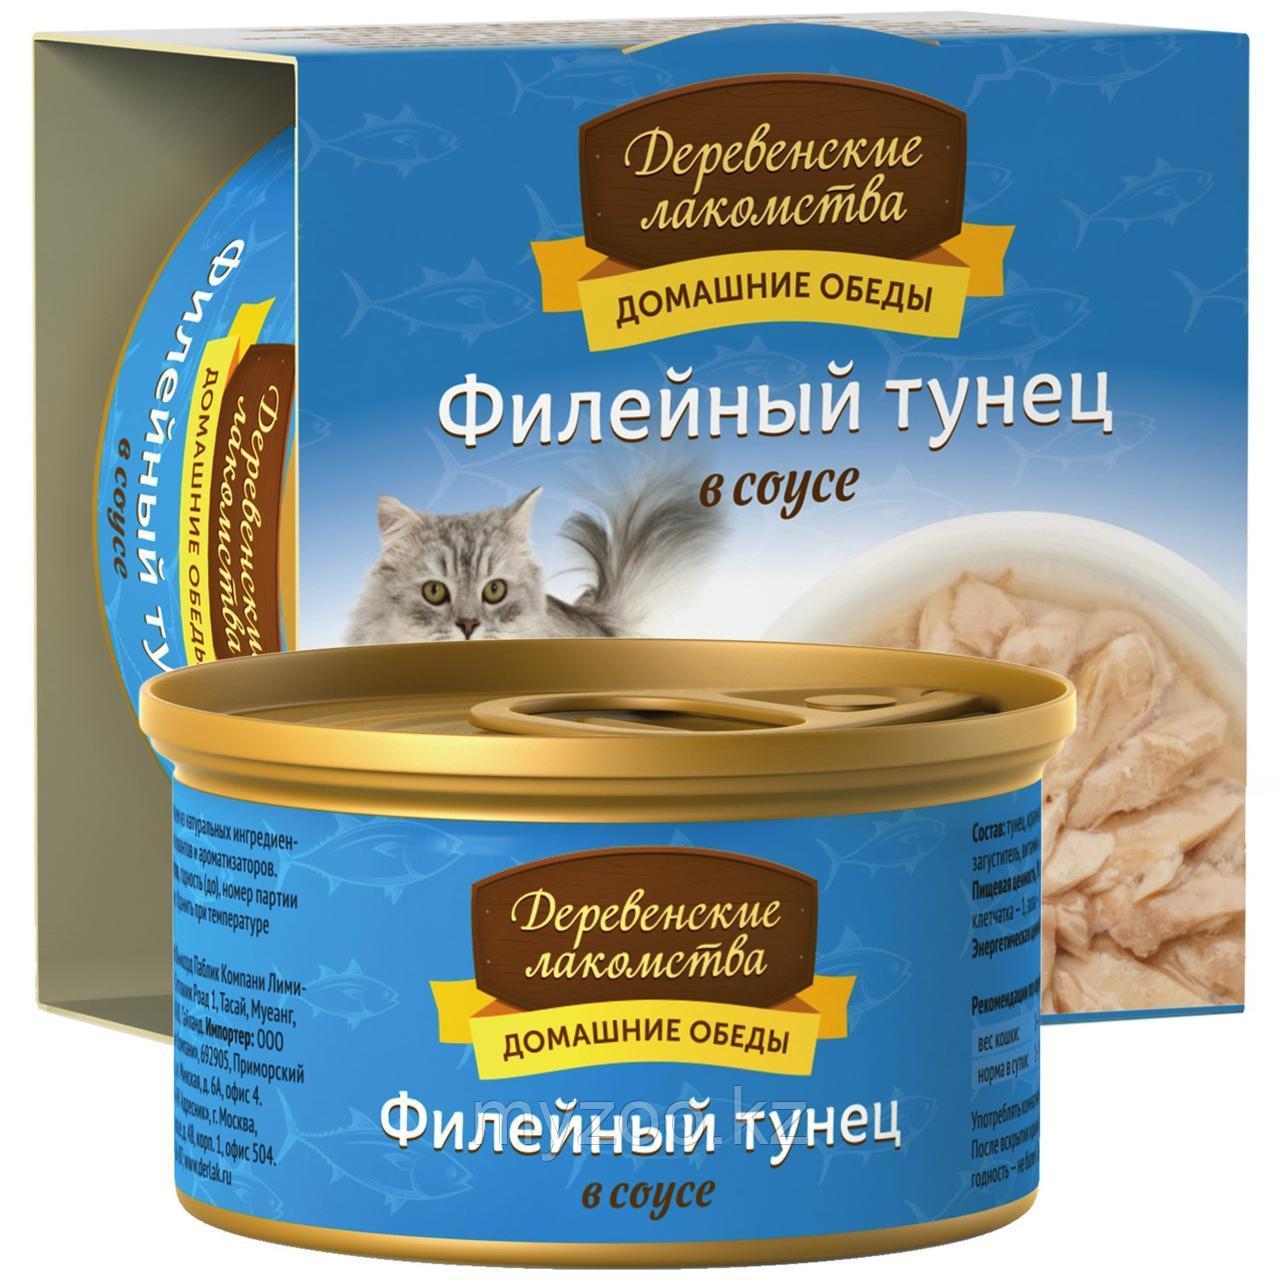 Деревенские лакомства влажный корм для кошек филейный тунец 80 гр